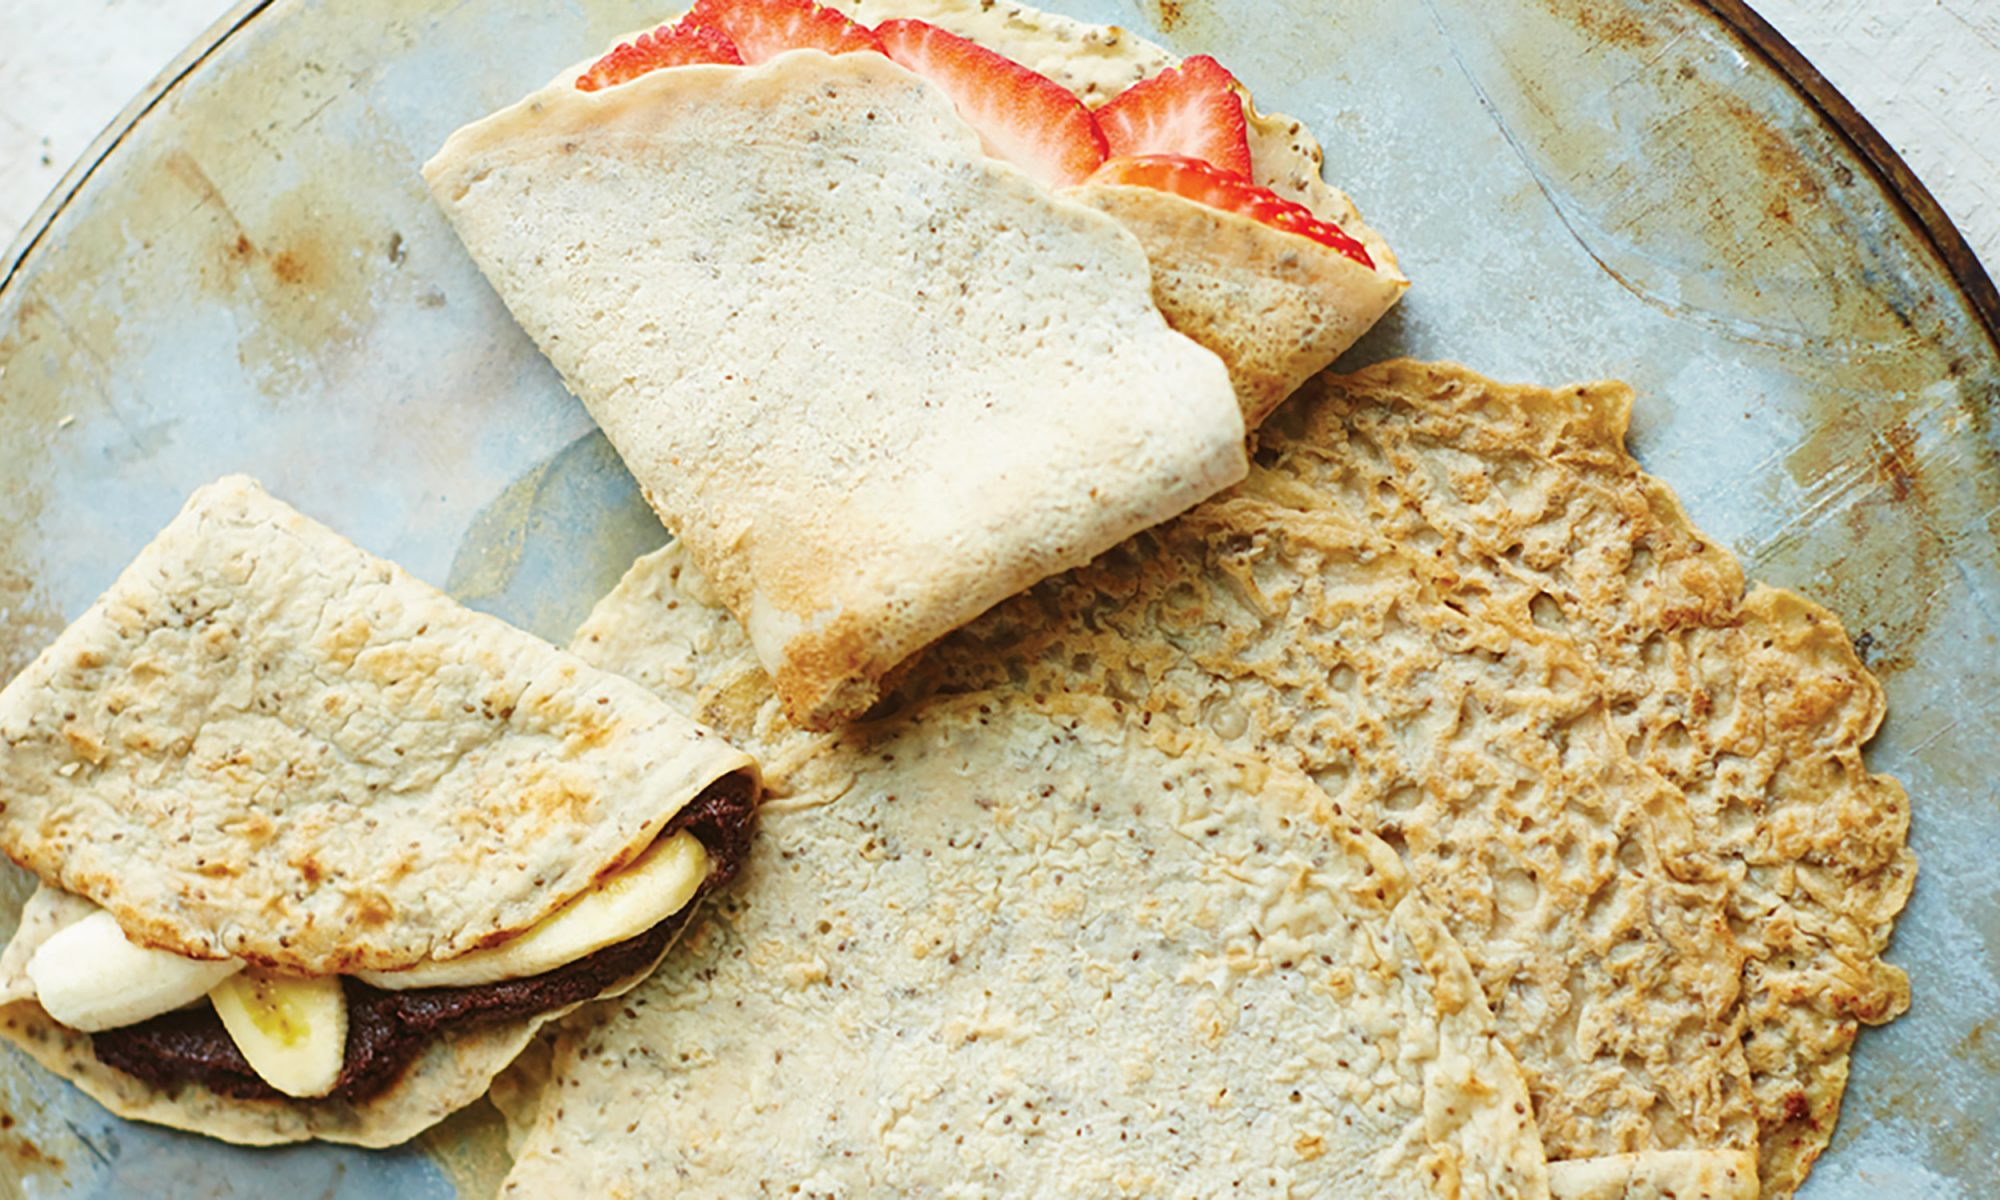 Make Vegan French Crepes at Home